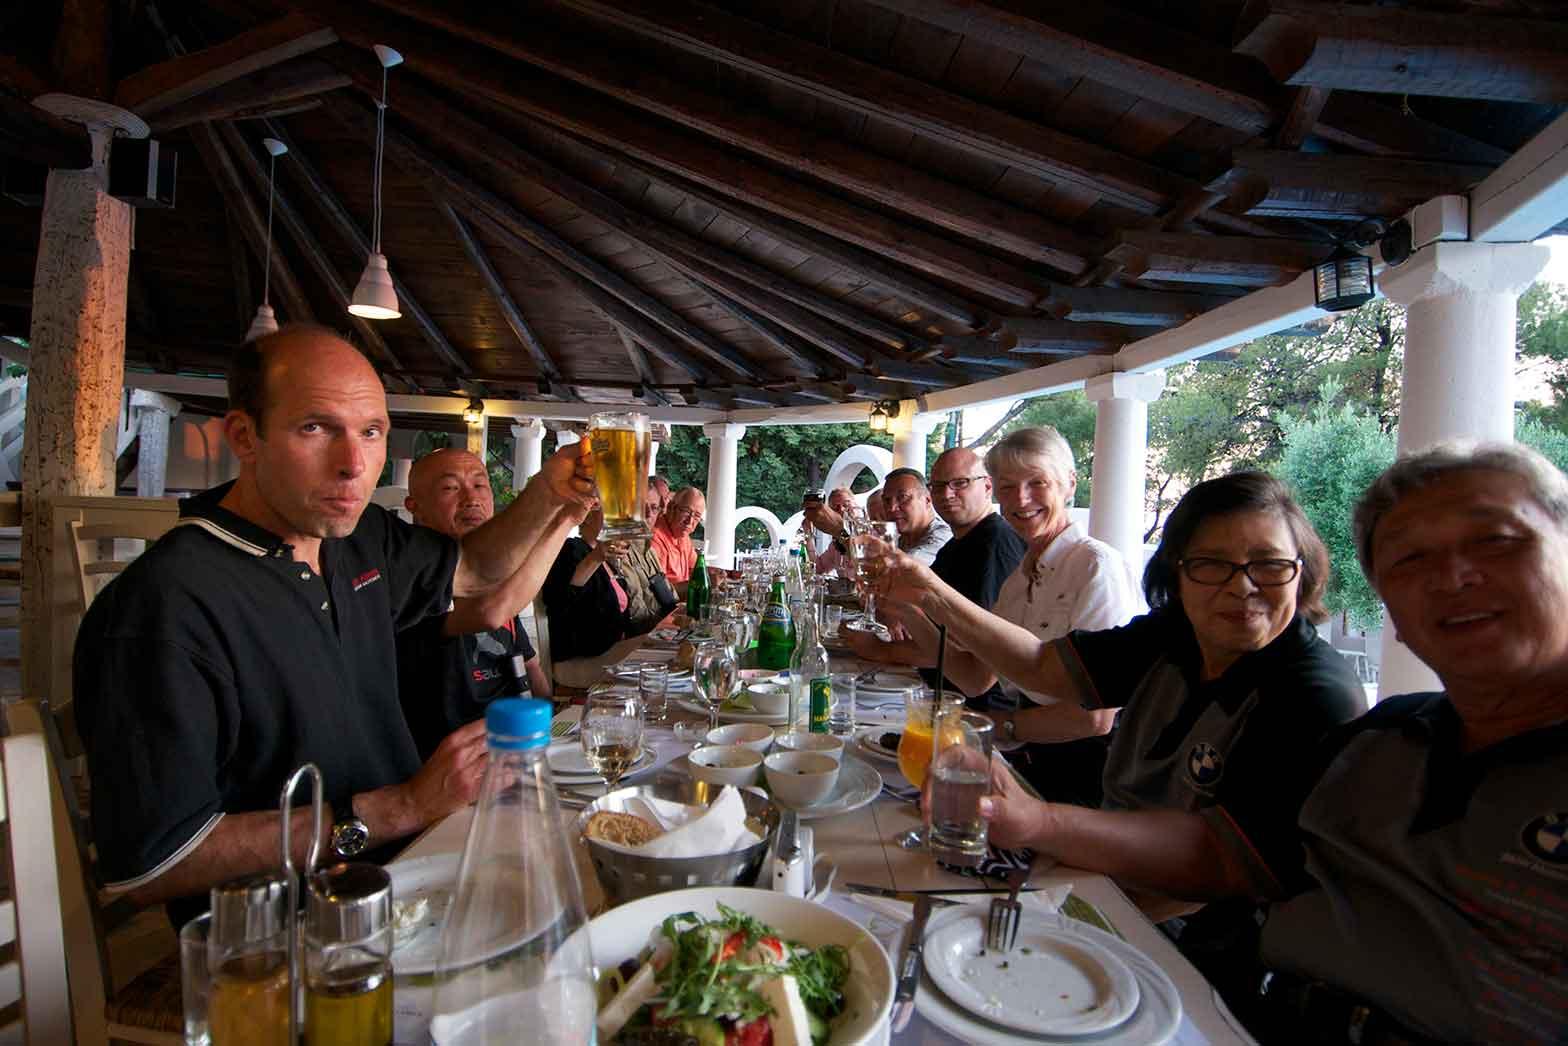 Greek style dinner